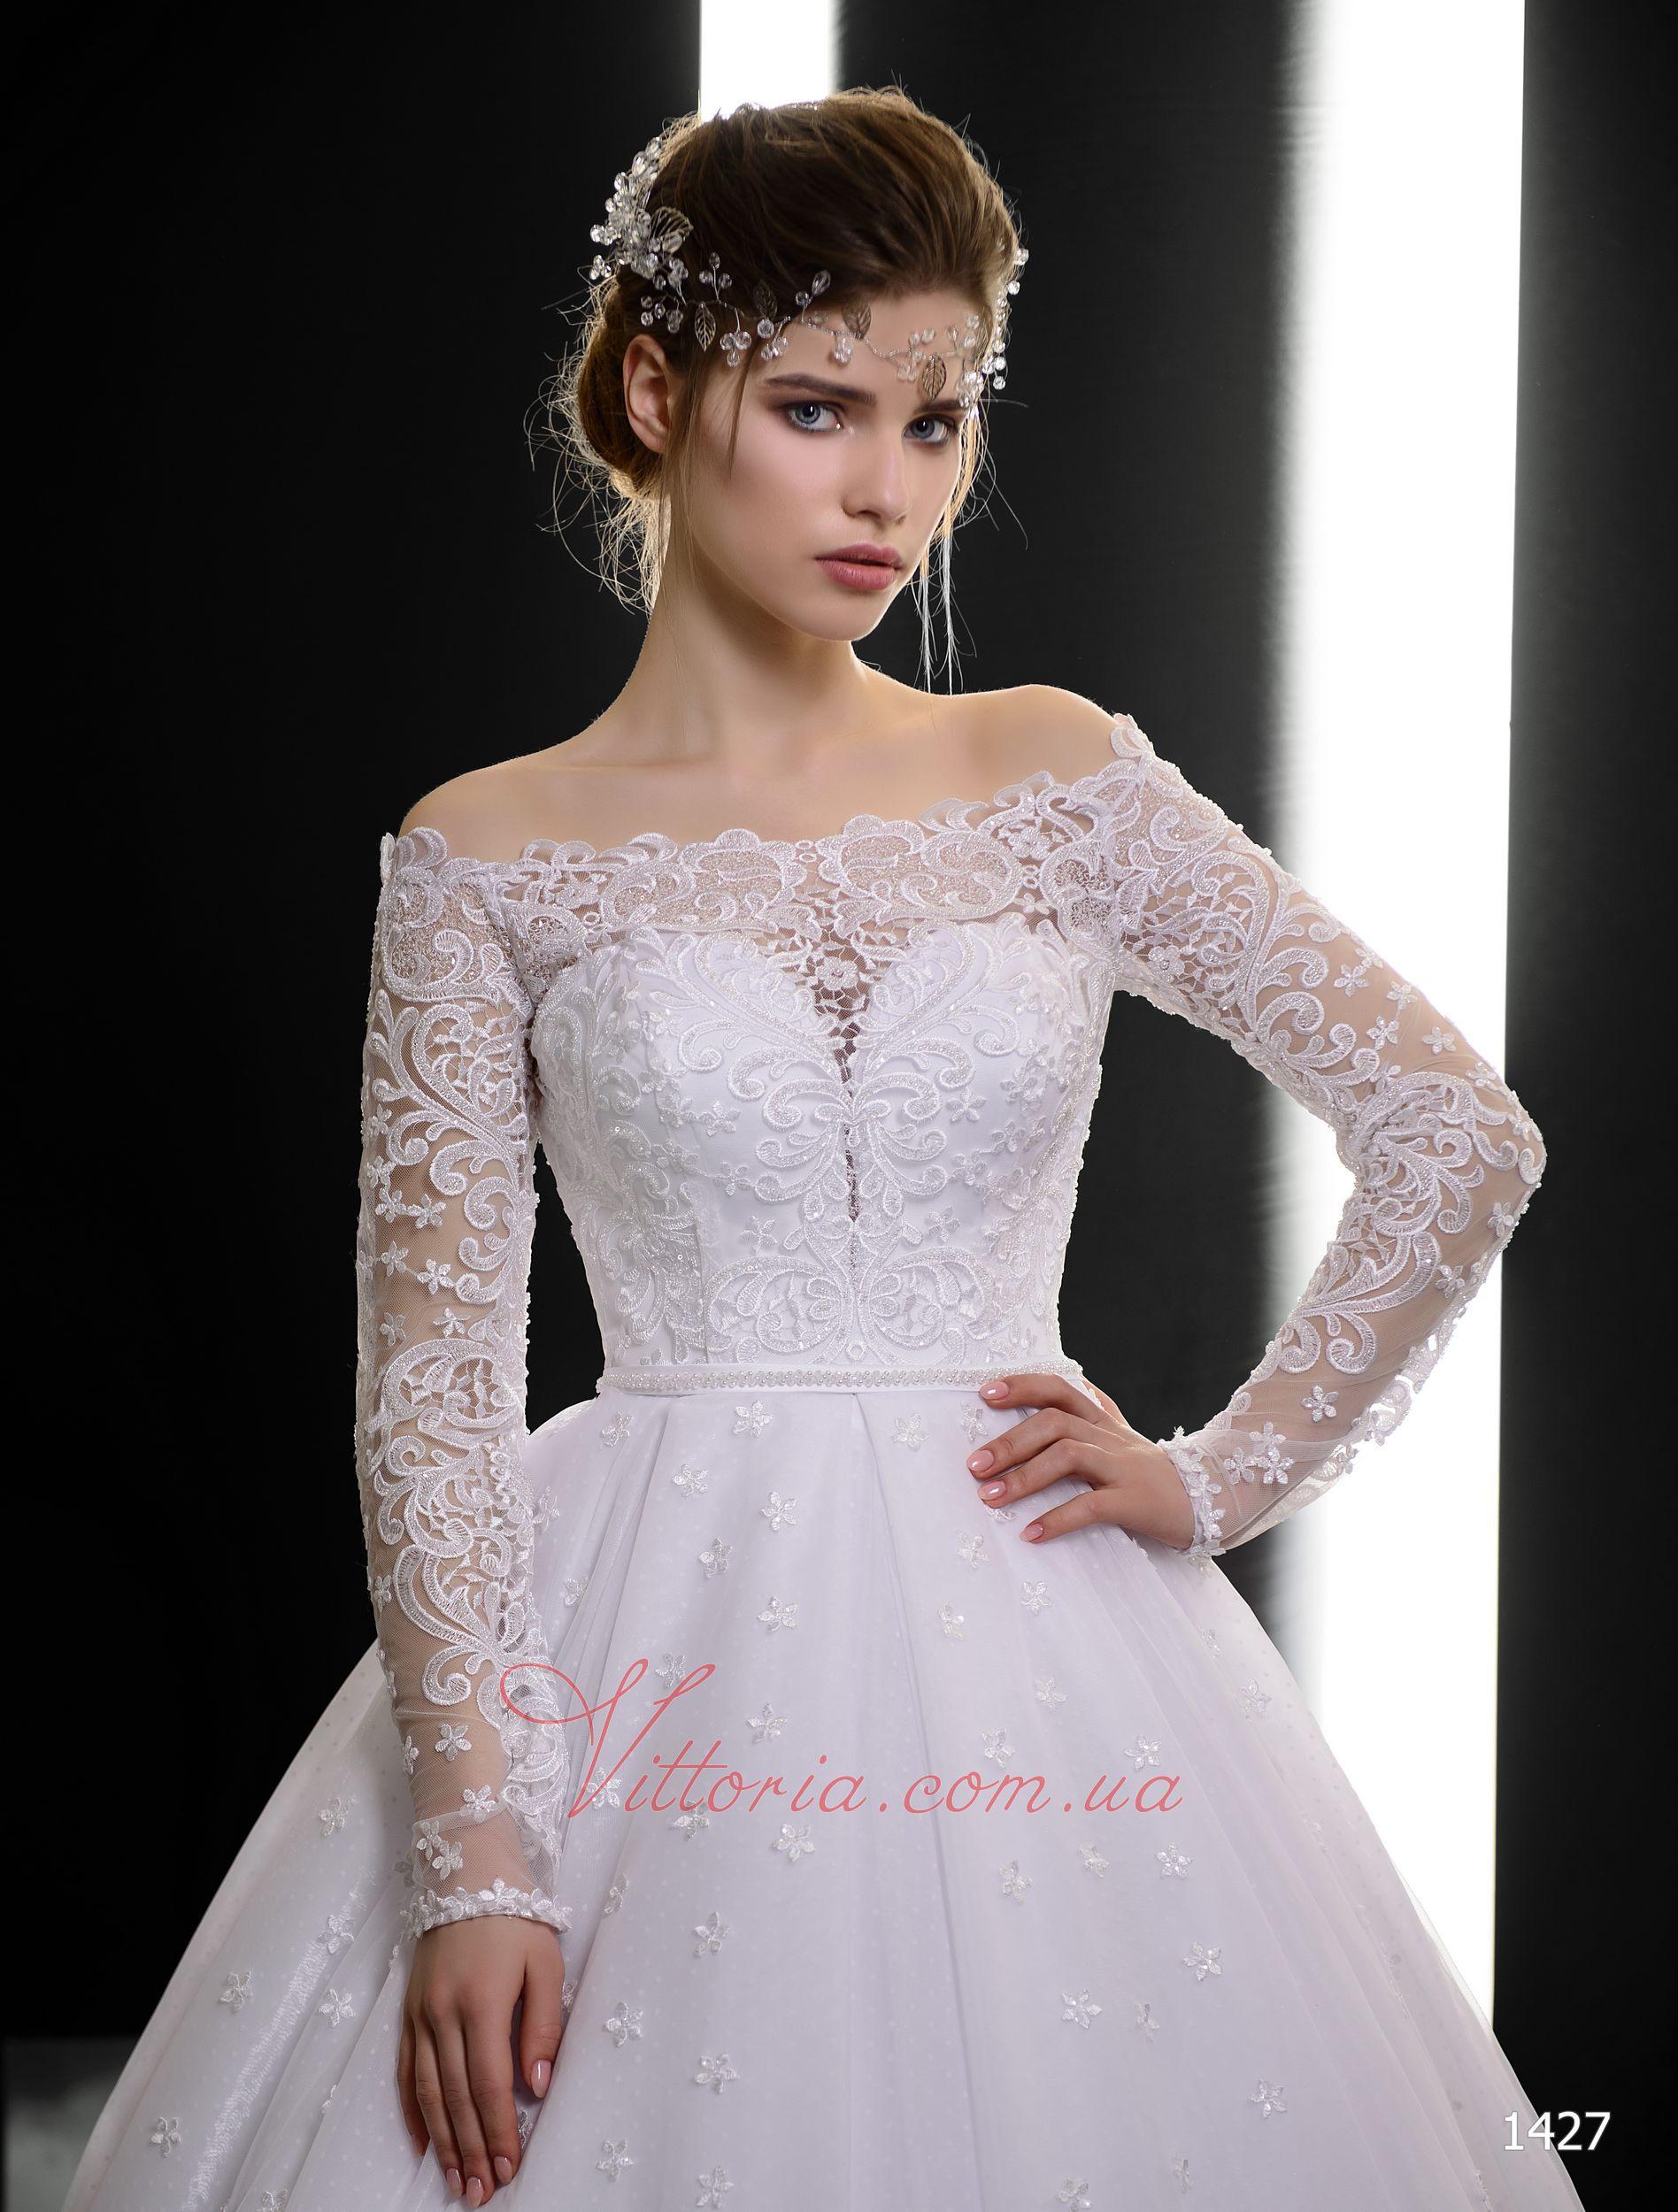 Свадебное платье Модель 1427